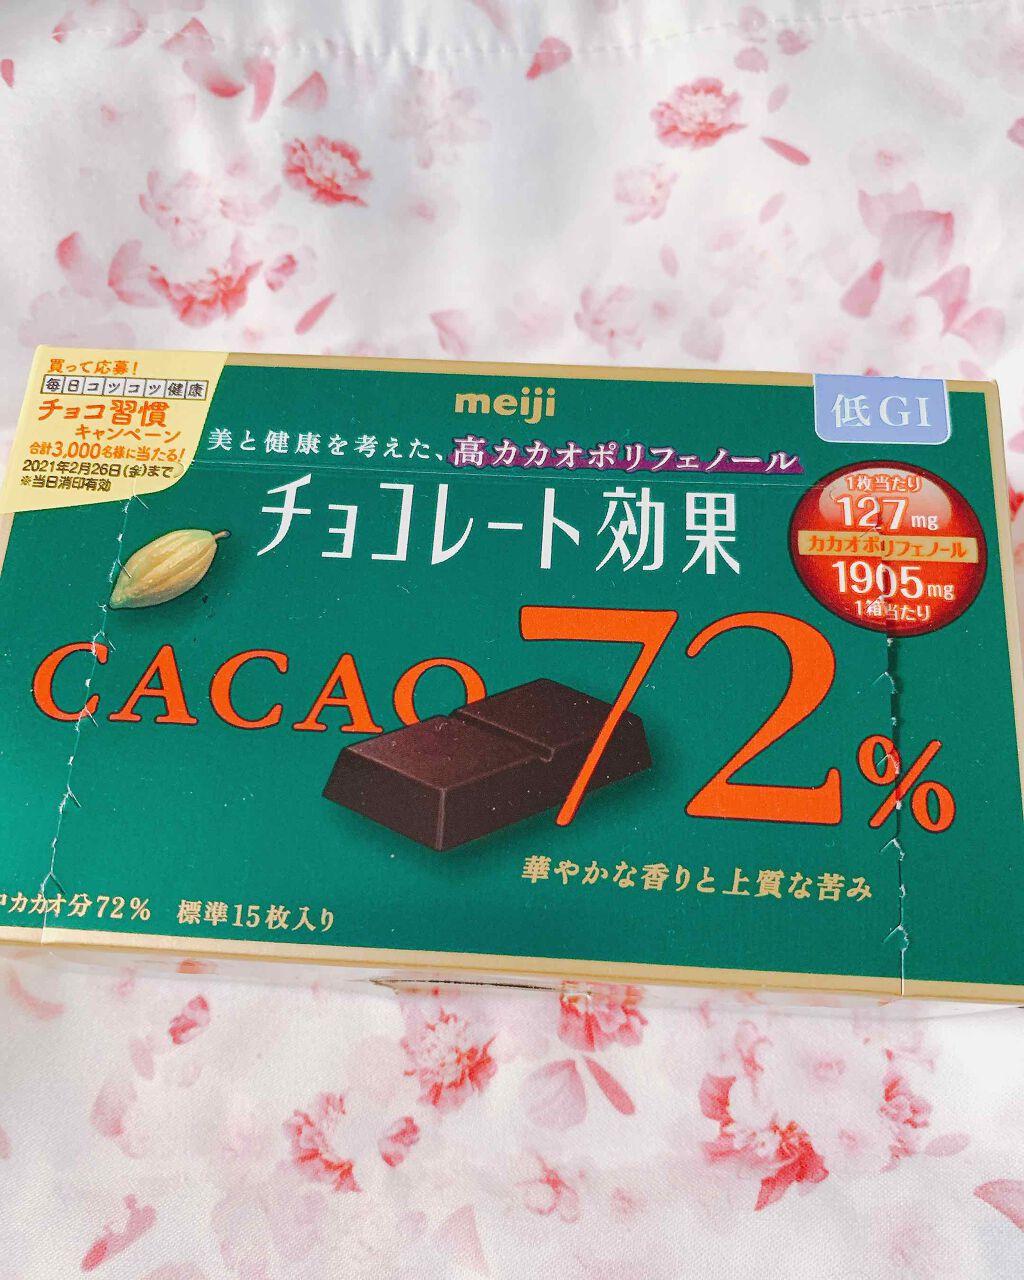 効果 キャンペーン チョコレート 神戸ローストショコラ チョコレート保管庫プレゼントキャンペーン|グリコ